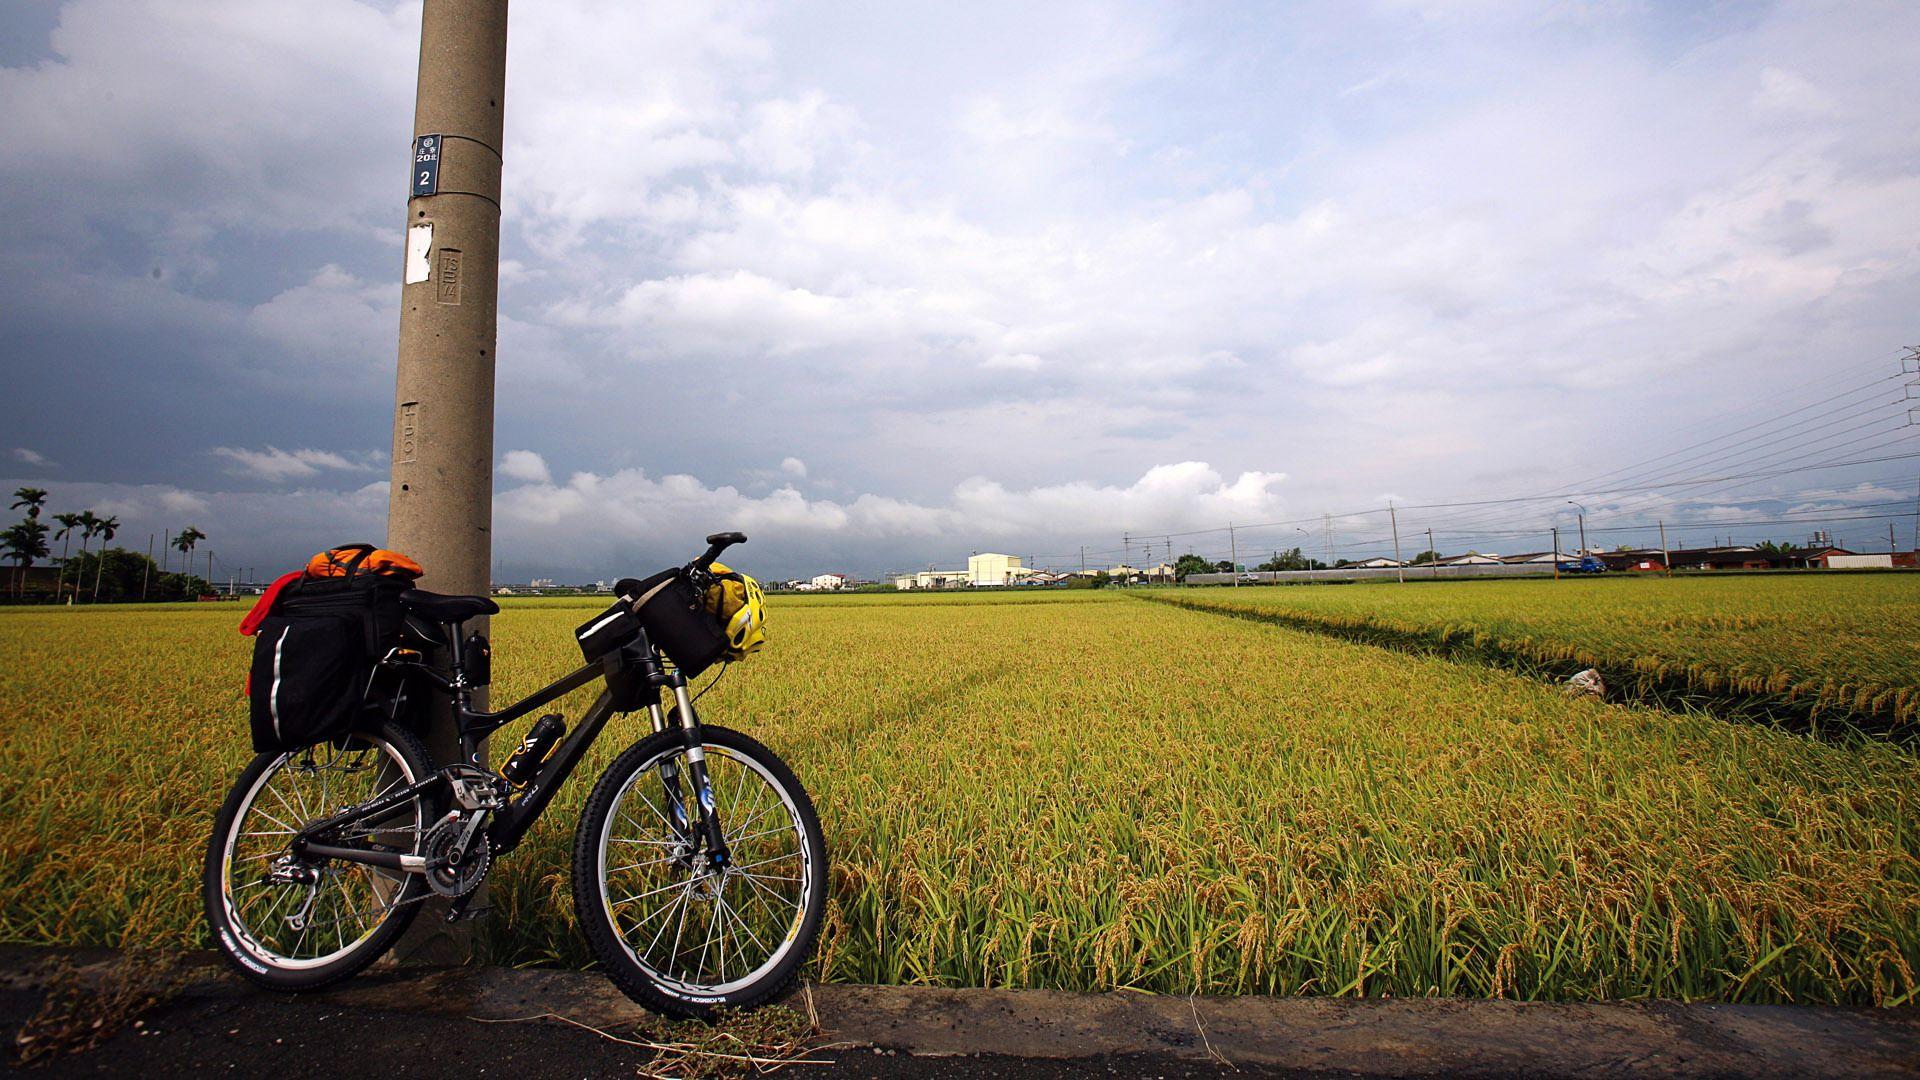 台湾环岛骑行 跟着这位骑友一起感受台湾美景 图12